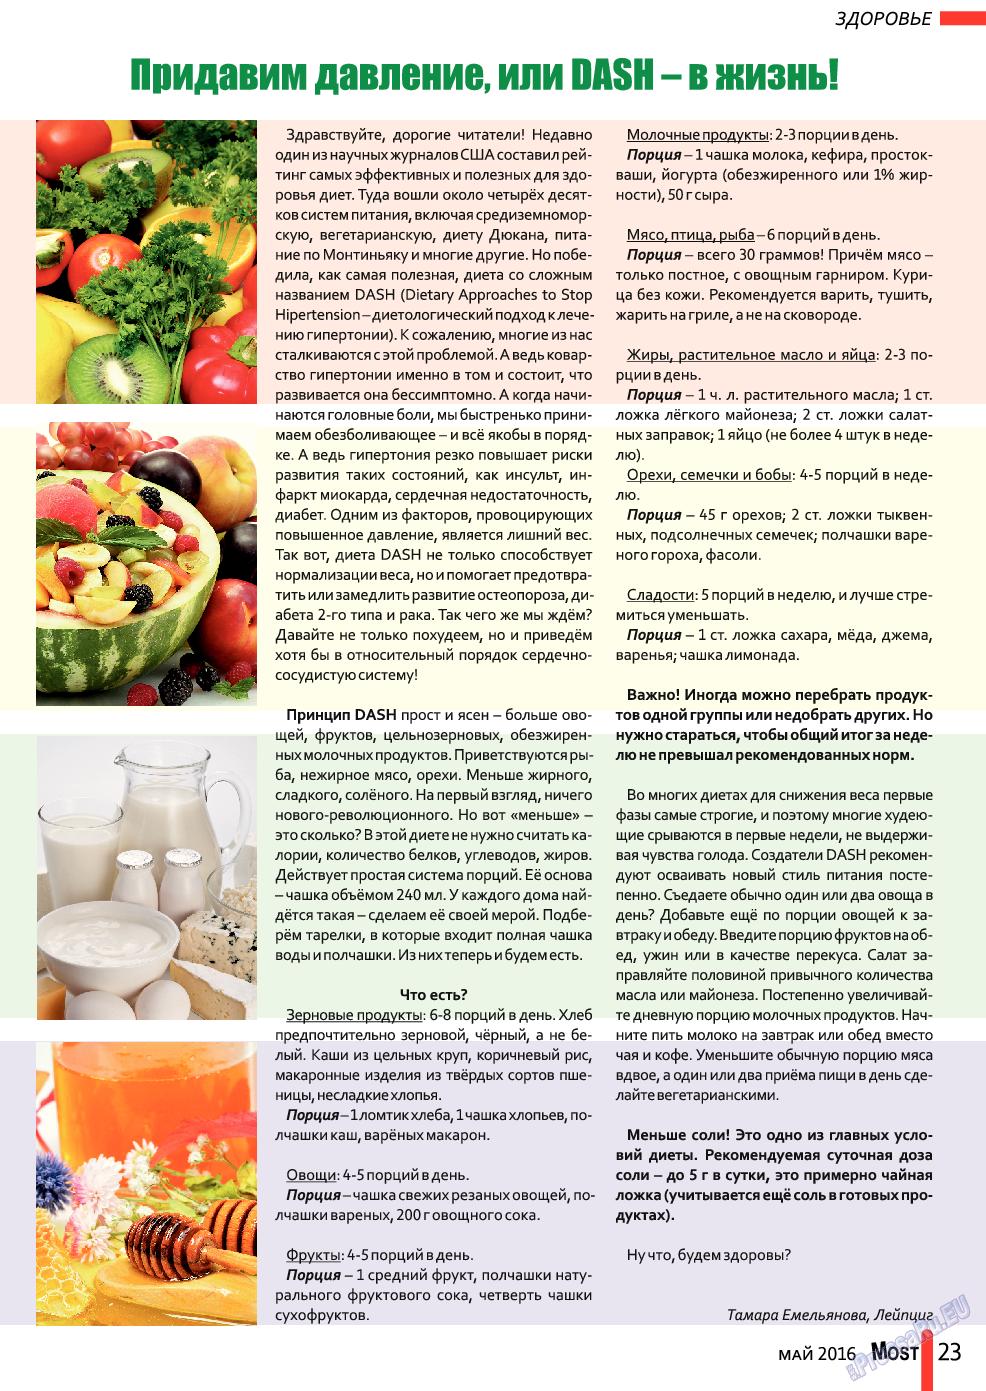 Диета Dash Рецепты Меню. Эффективная при гипертонии диета dash, система питания и меню на неделю